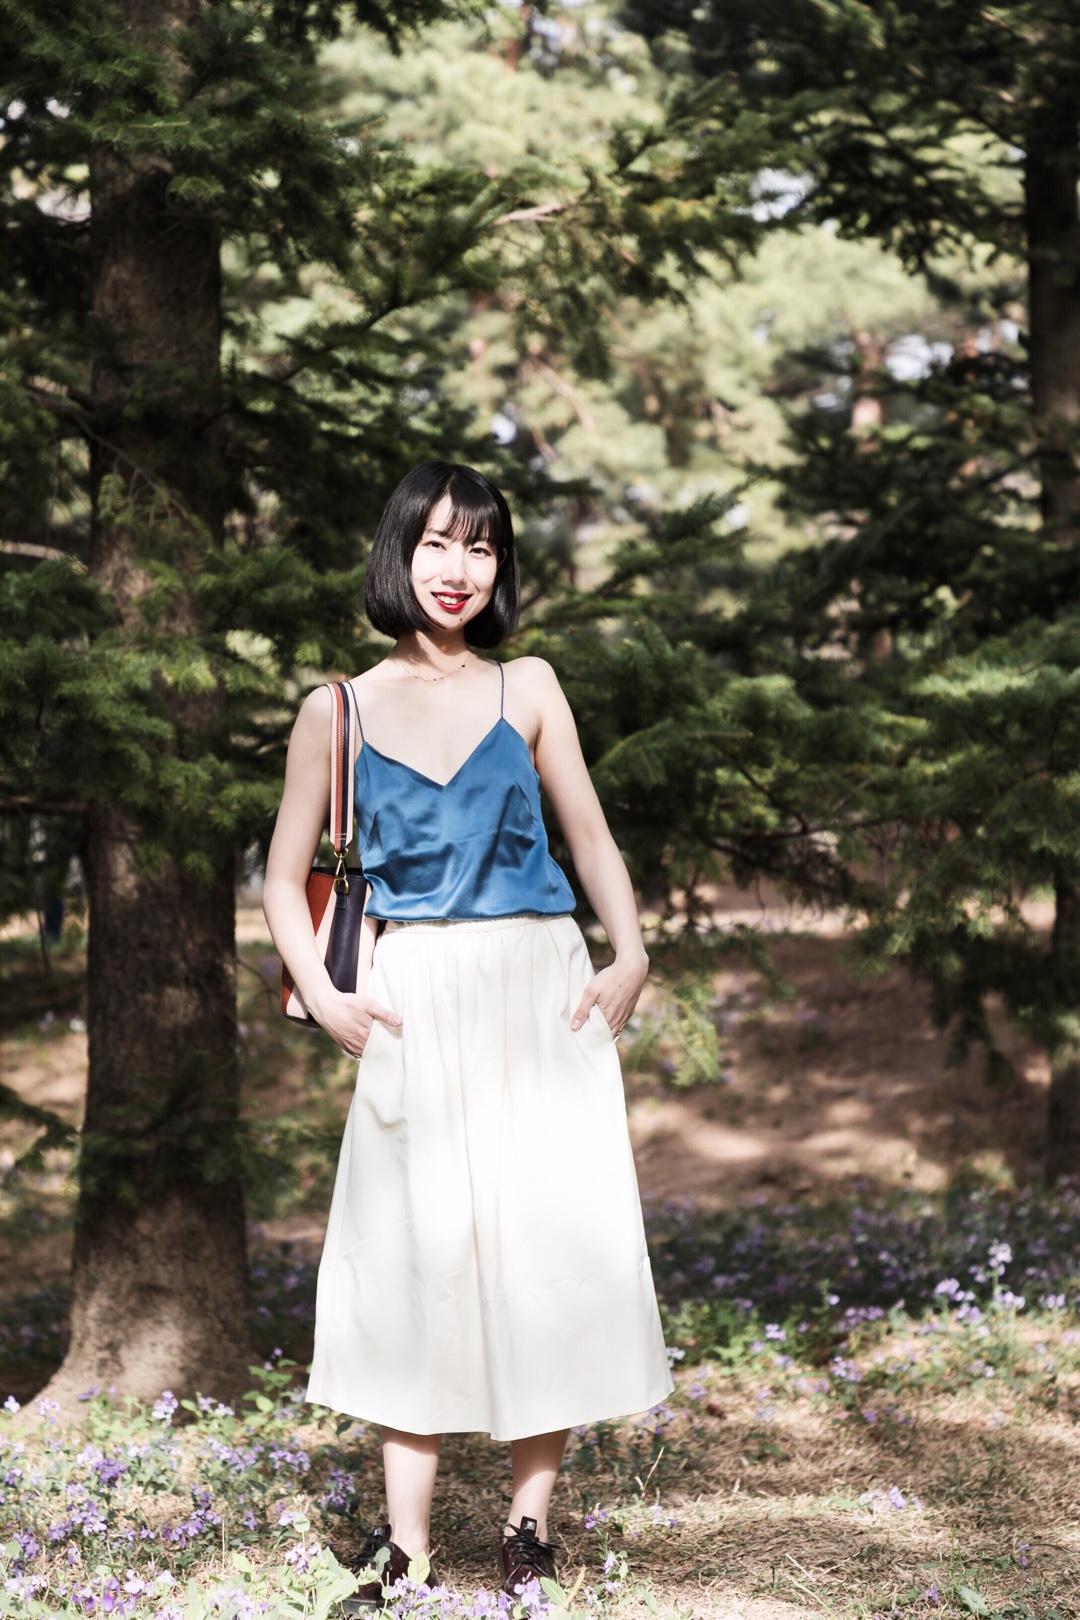 #小个子の春夏第一次露腿#  ❤️郊游也要穿的美美的,一套日系甜美的style❤️ 🌸色系搭配灵感是主色调雾霾蓝➕白色,配饰上增加一些小小的丰富细节。上衣真丝蓝色吊带,裙子是垂感很好的白色缎面半裙,包包配了拼色水桶,彩色跟主色融合的不错~ 🌸外套搭了廓形牛仔外套,与蓝色形成深浅色对比,很喜欢这套~